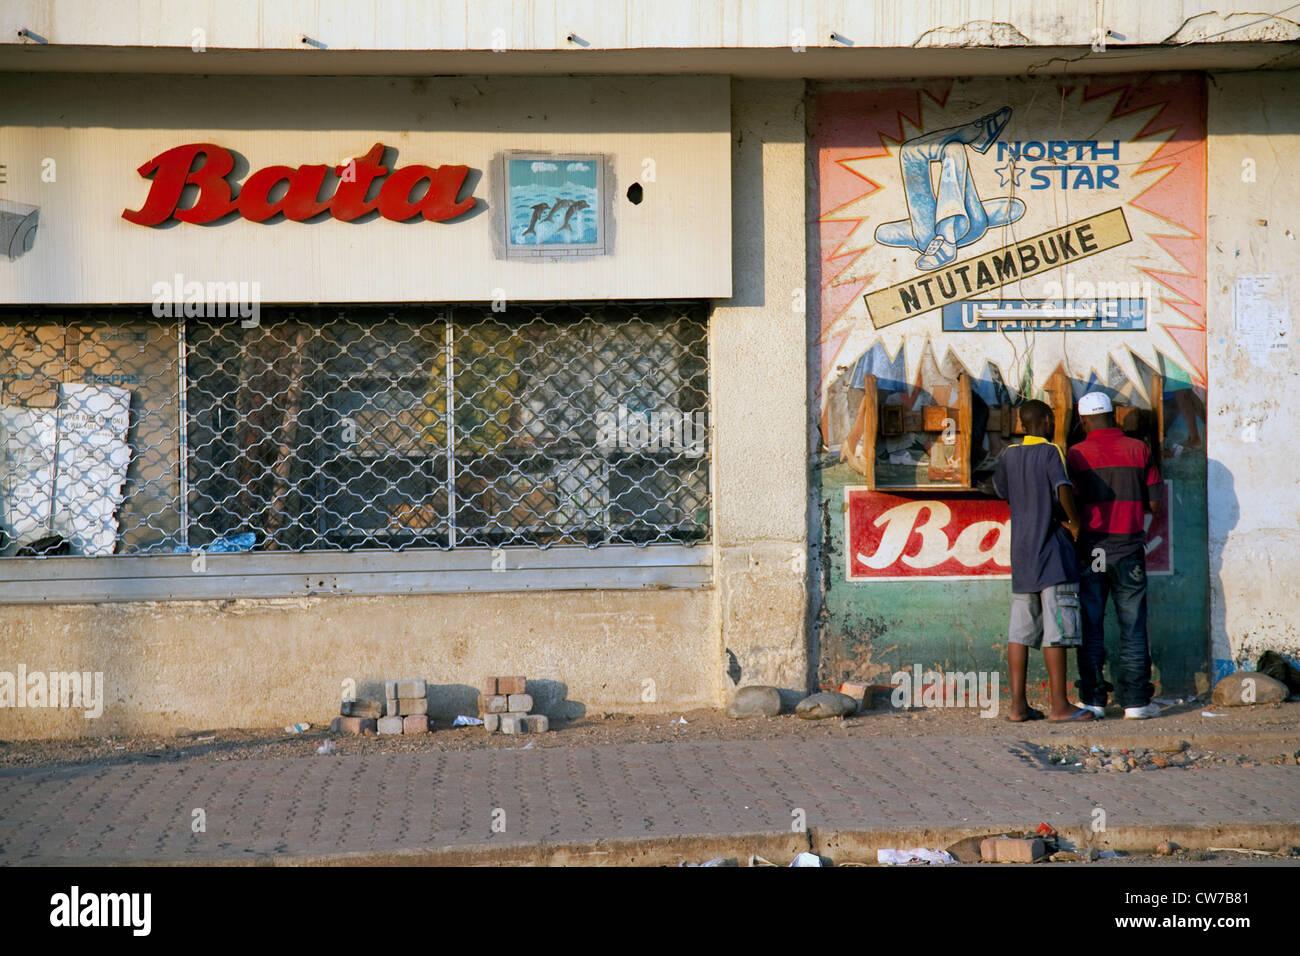 Straßenszene in der Hauptstadt mit kleinen Läden in der Nähe der Hauptmarkt und zwei Männer Stockbild